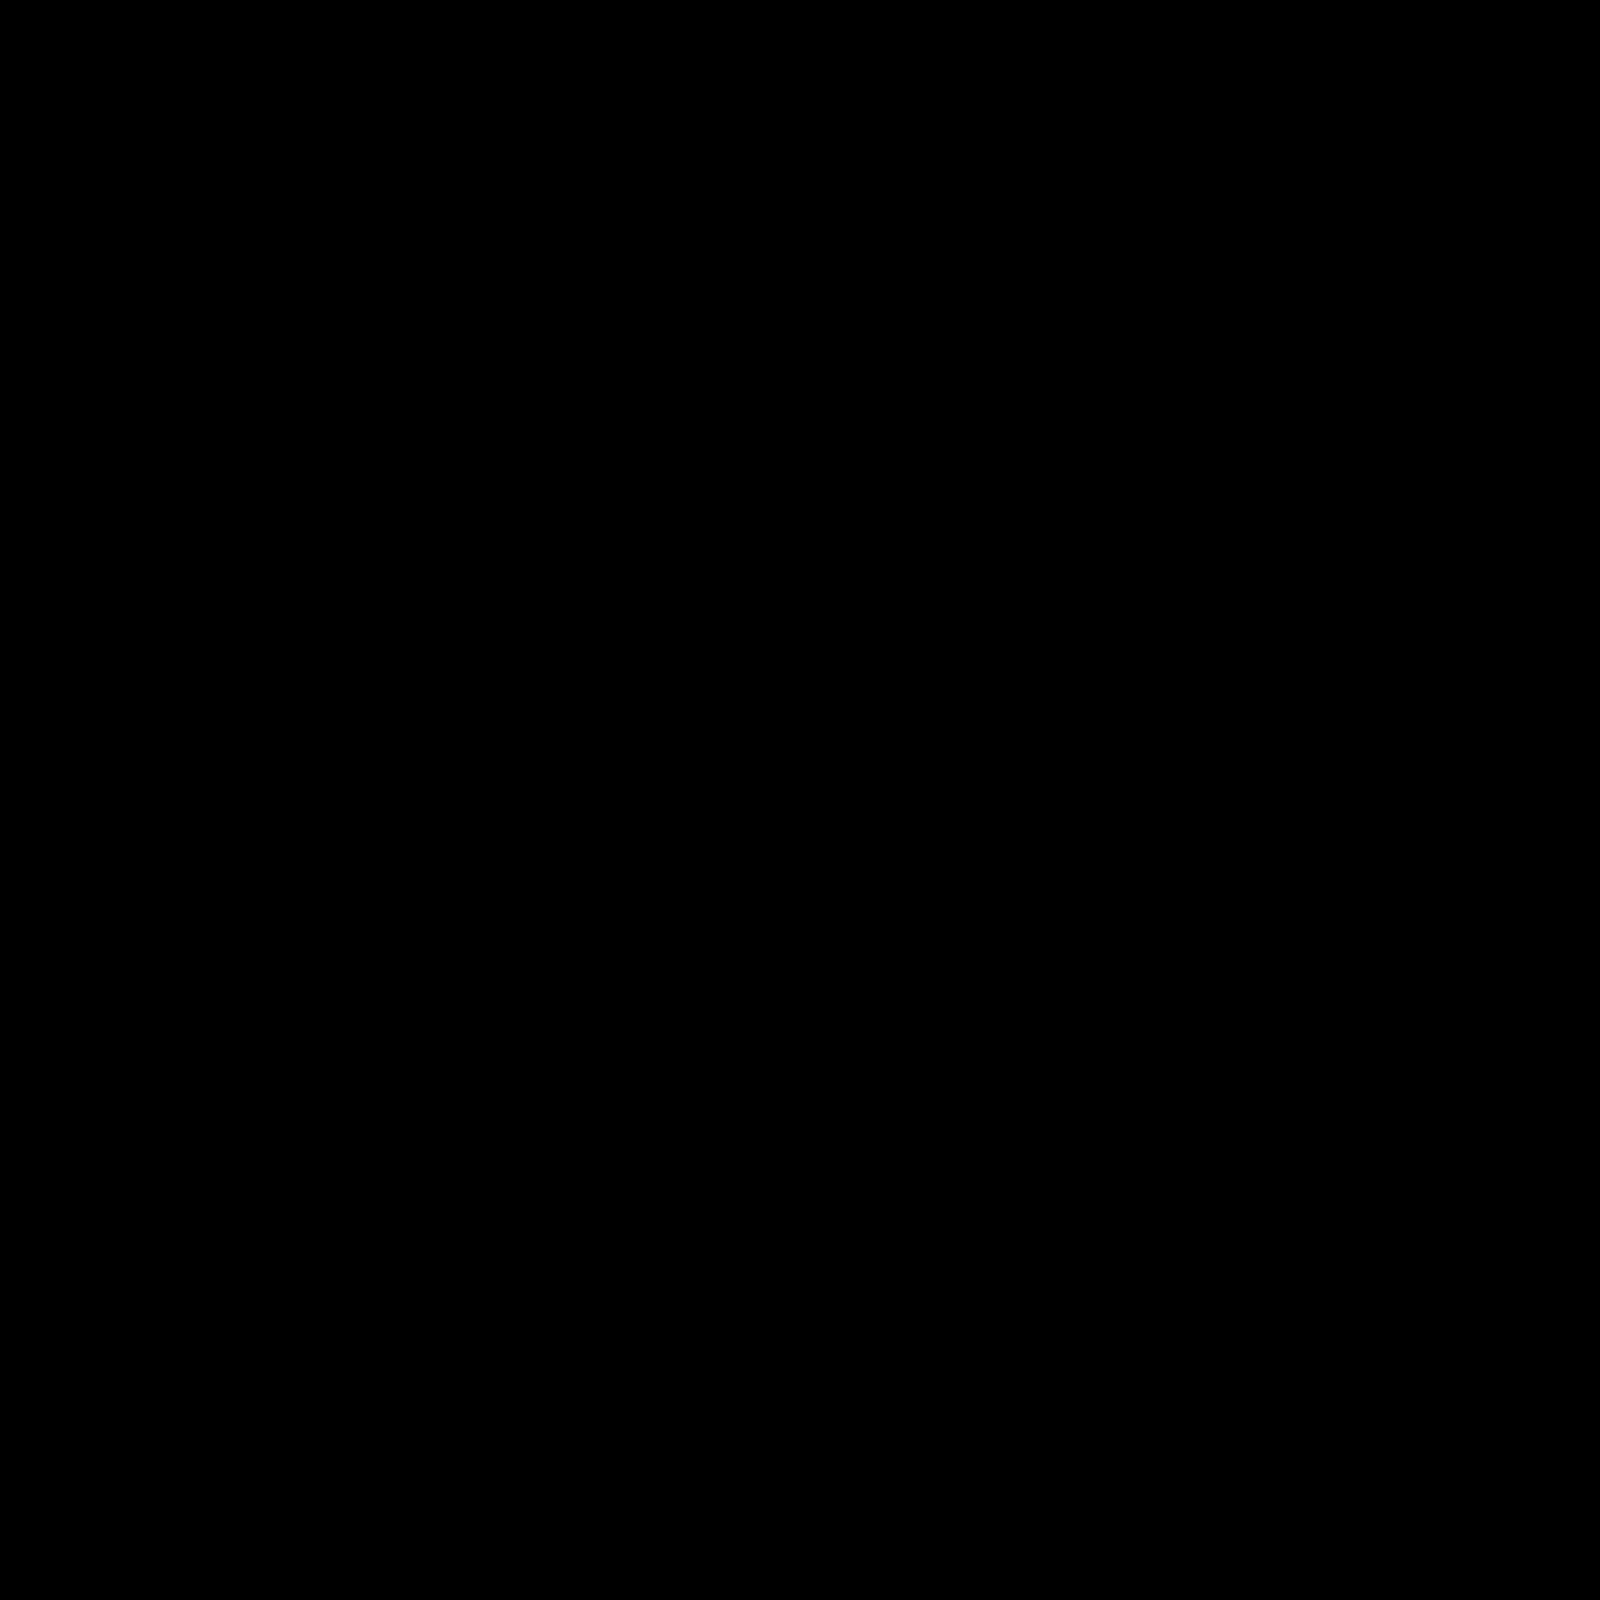 ikonka-sinhronizatsiya-yandeks-diska-s-kompyuterom.png